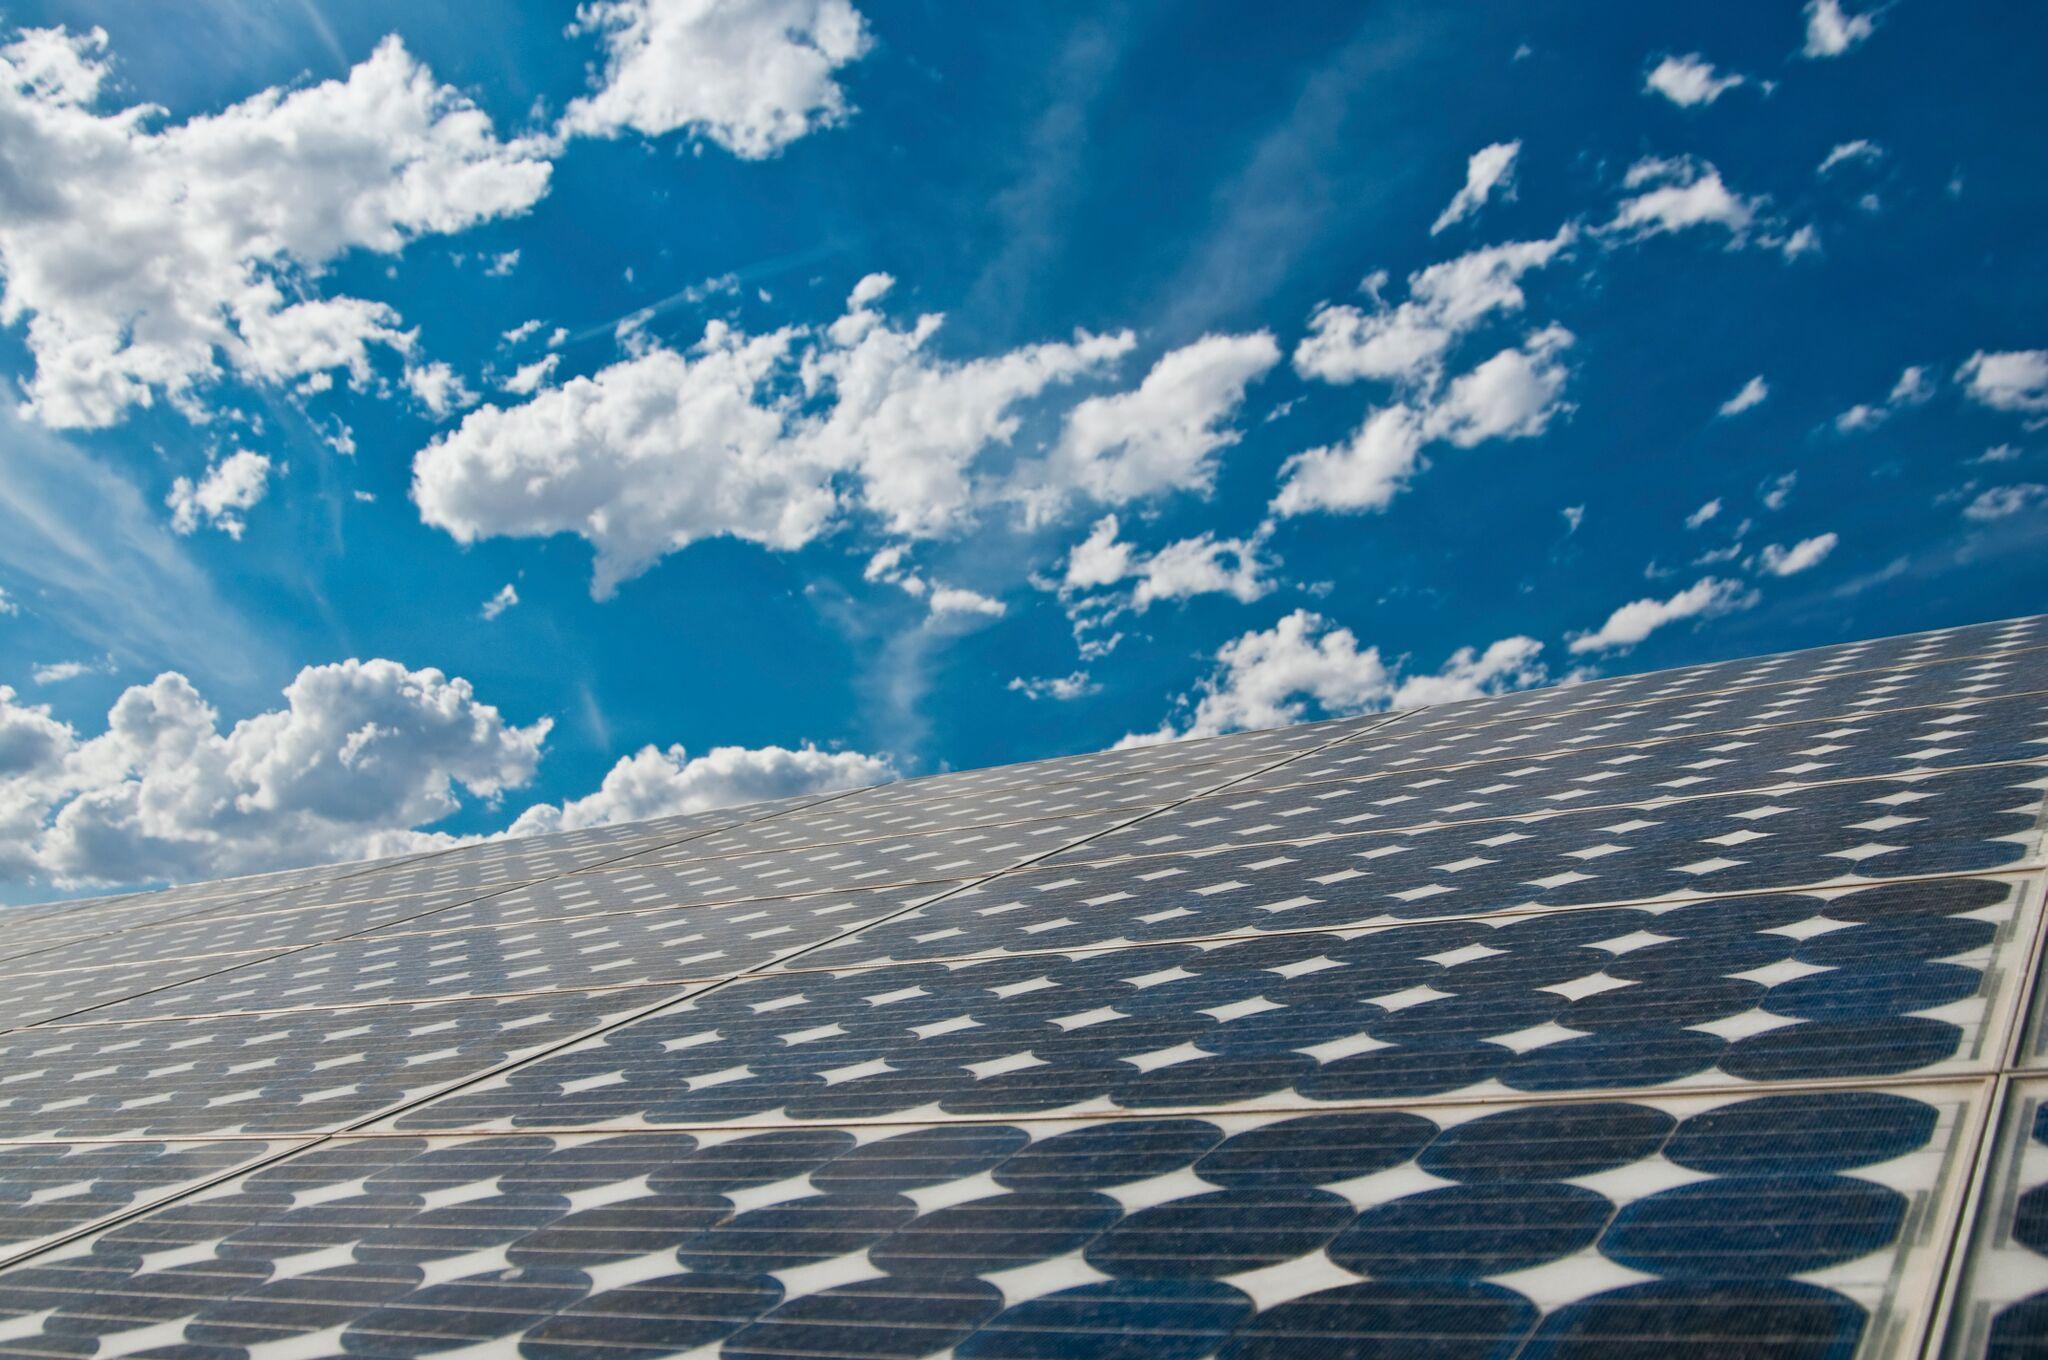 solar_panel_energy_fullsize.jpg